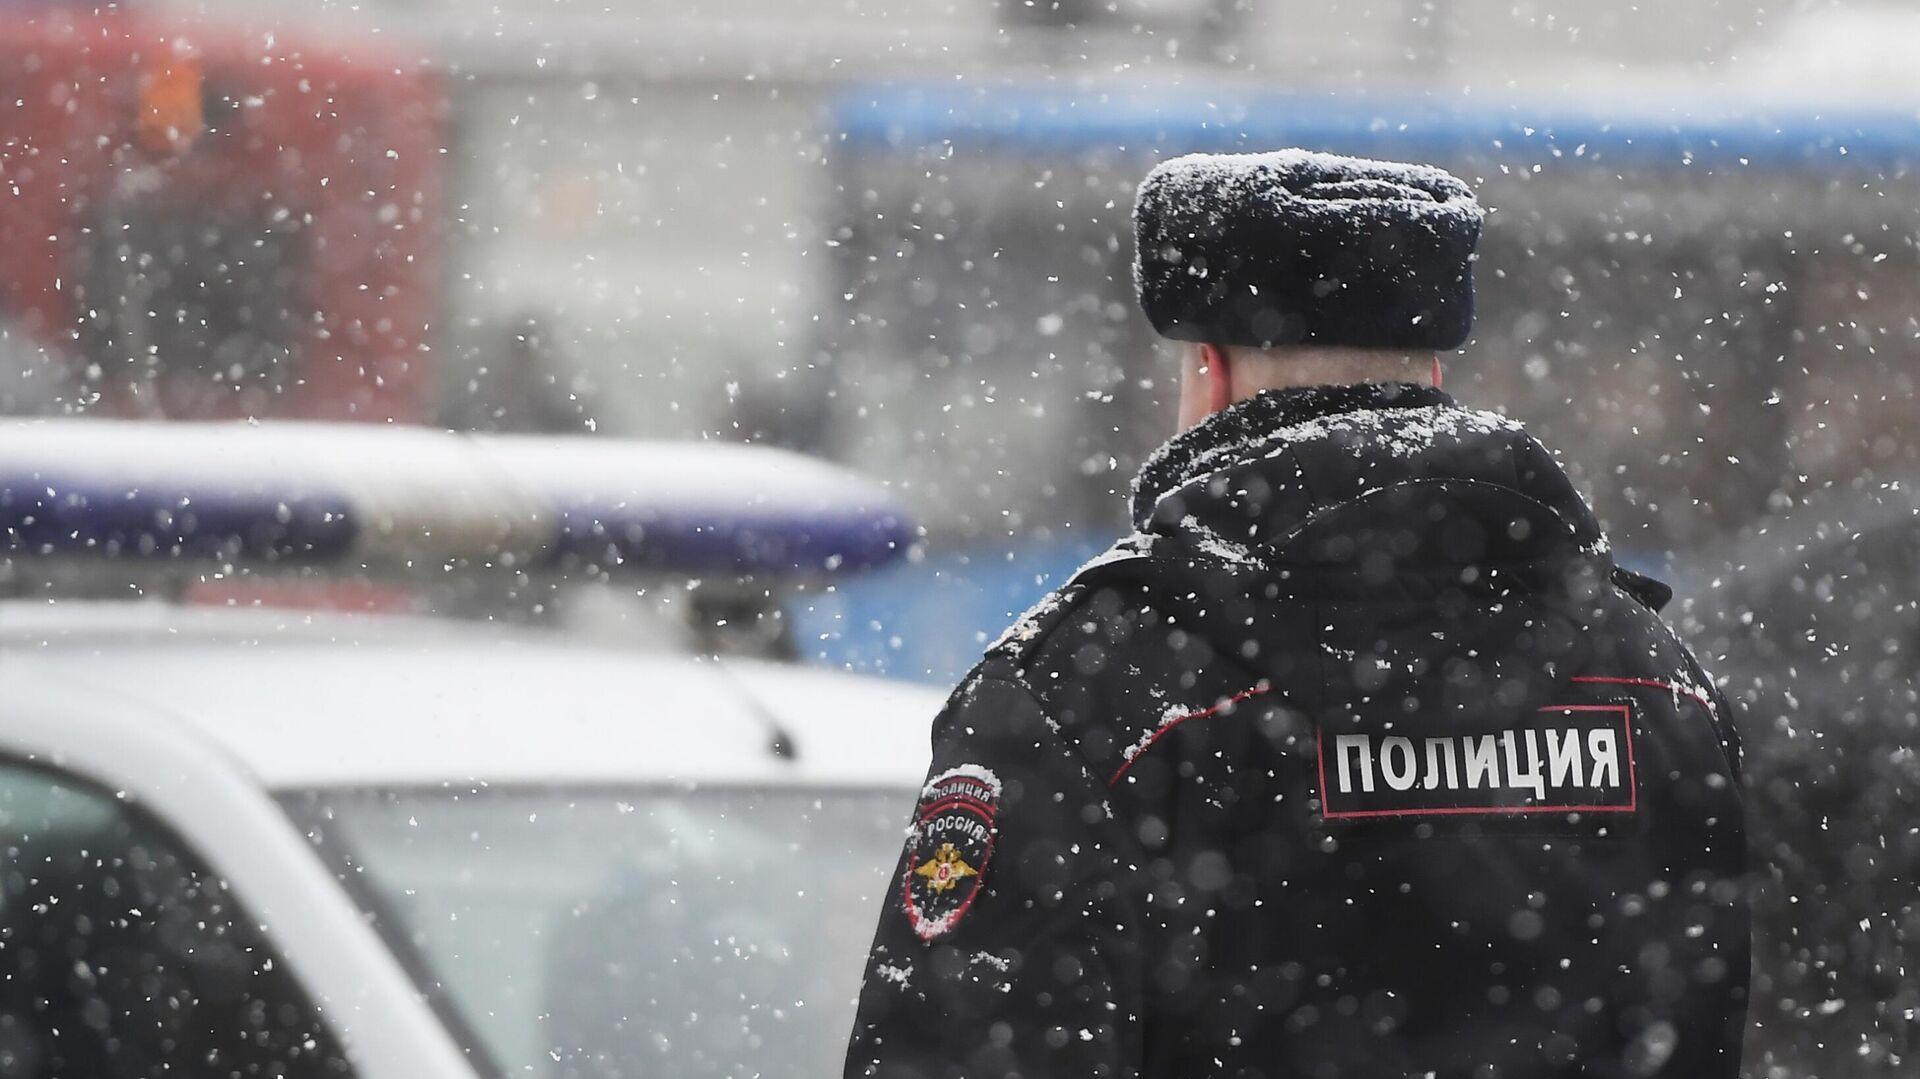 В Москве полиция применила оружие против нарушителей, сбивших инспектора